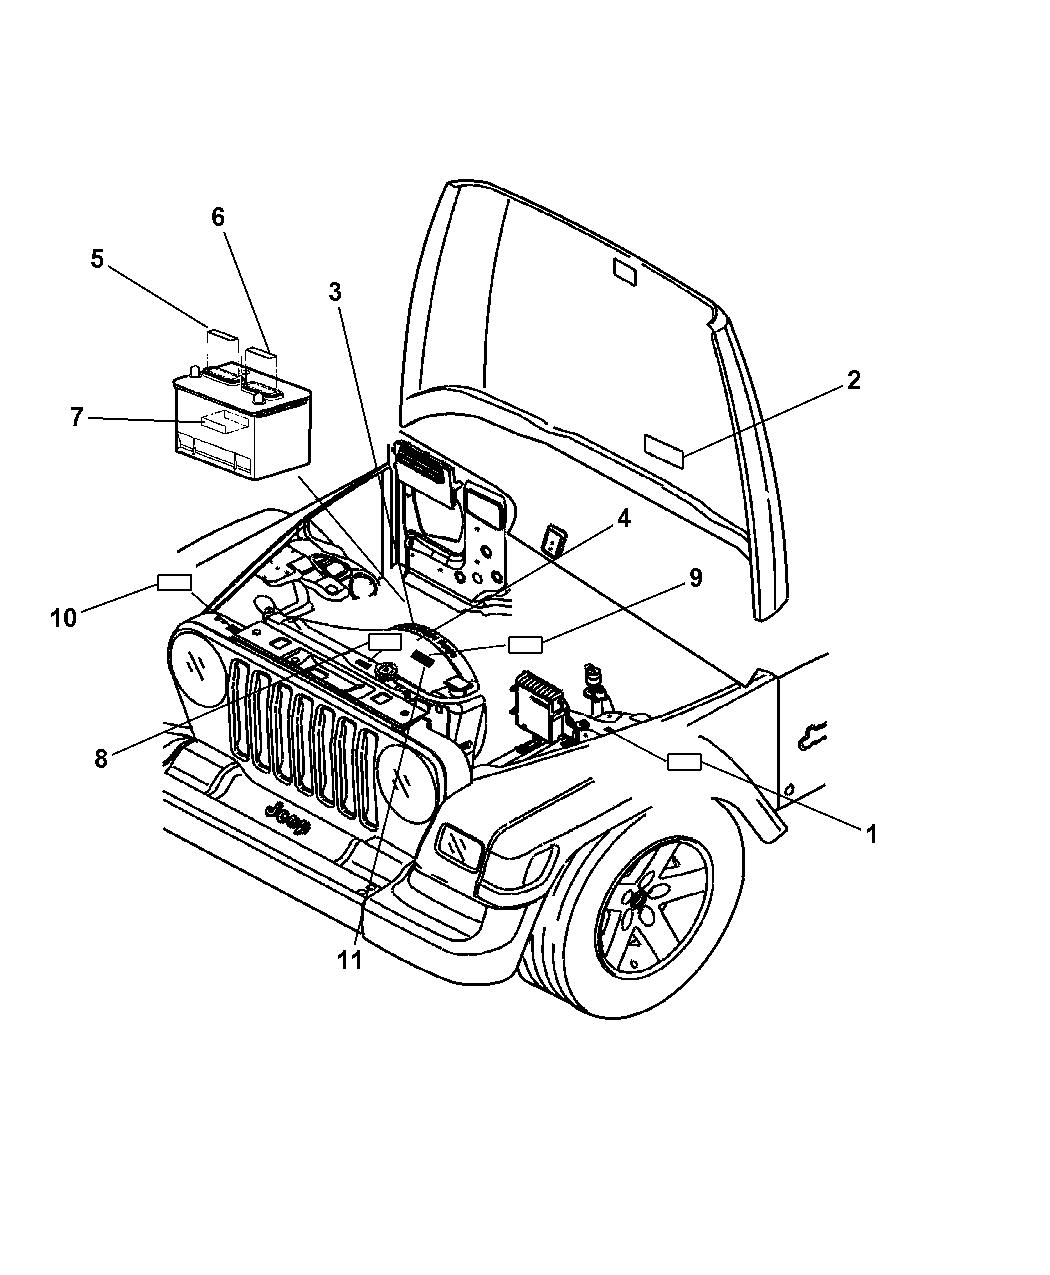 2004 jeep wrangler engine compartment mopar parts giant 04 Dodge Stratus Engine Diagram